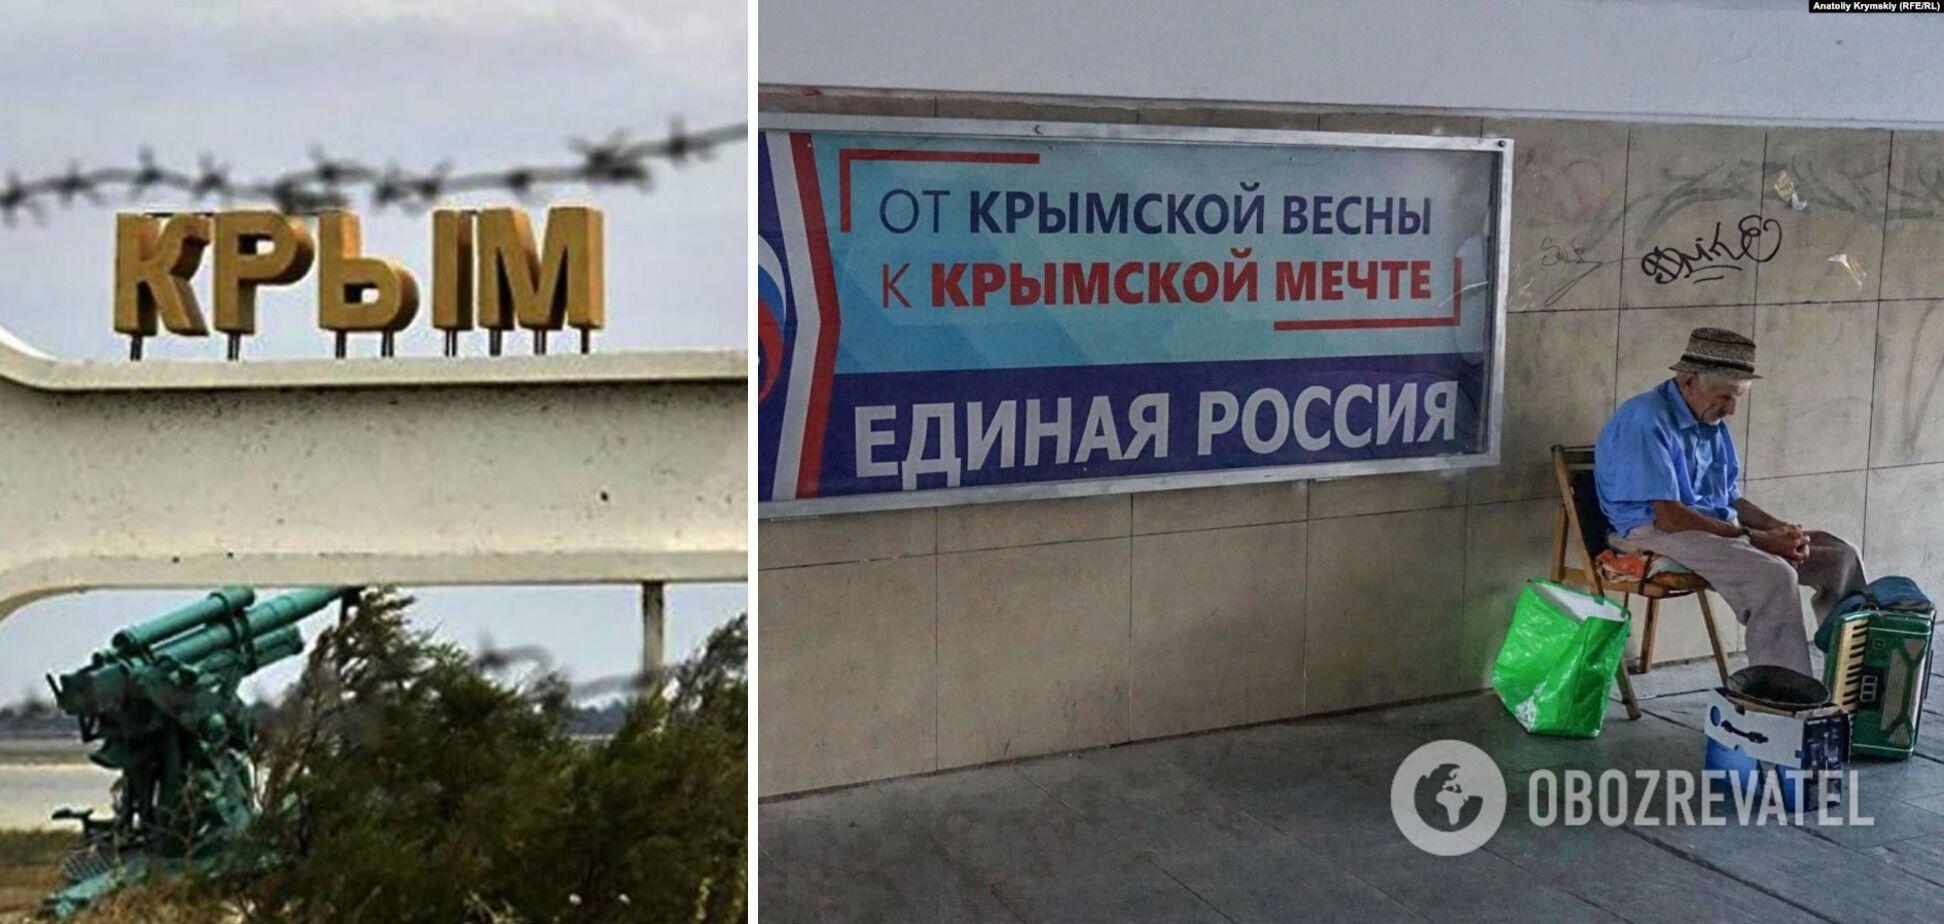 Новини Кримнашу. За України було дешевше, надійніше і краще. ВСЕ!